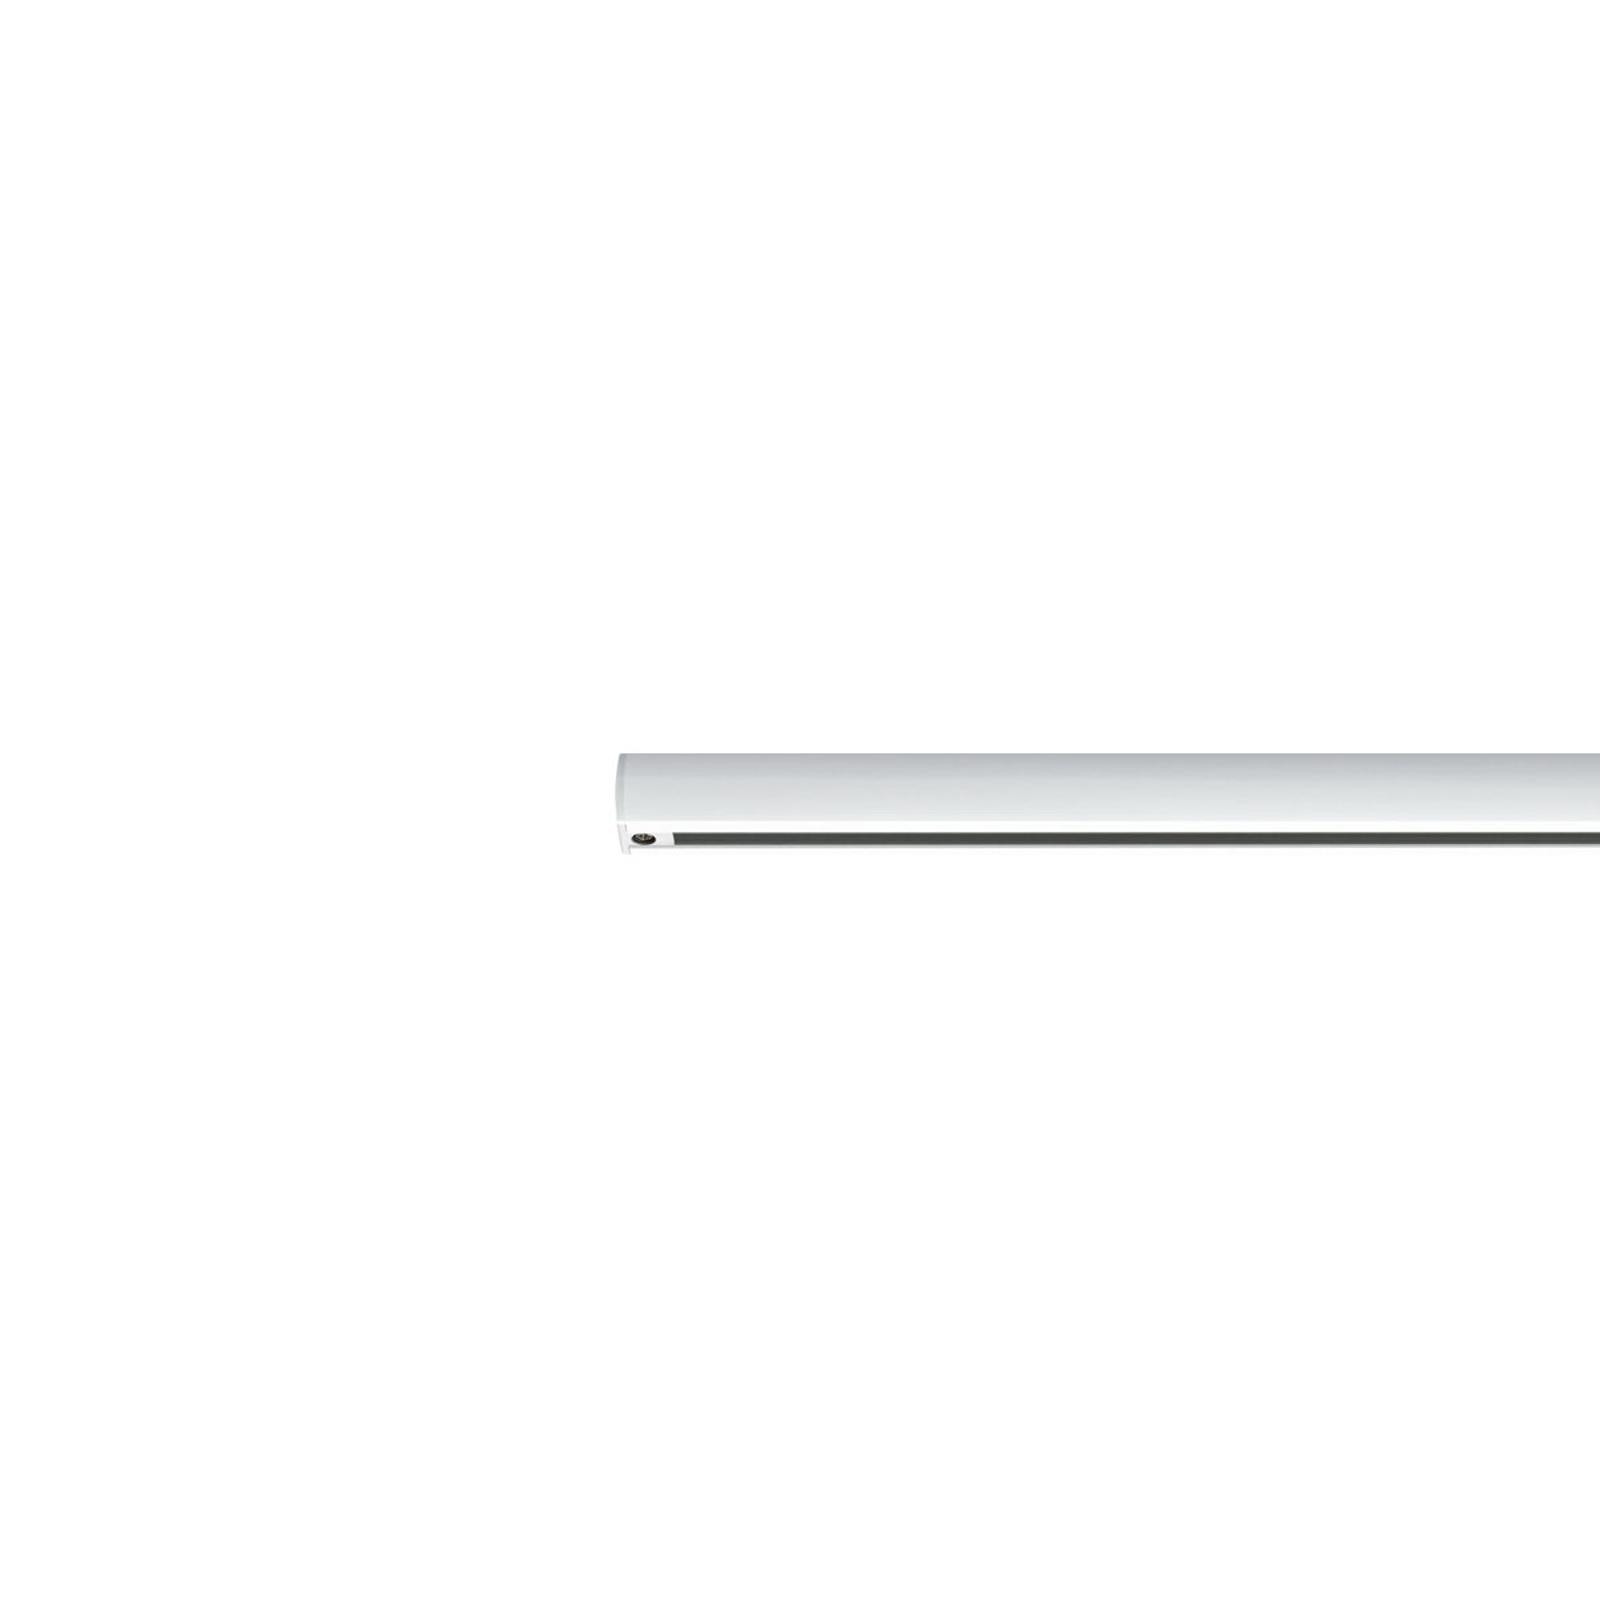 Paulmann URail Schiene 1m, weiß